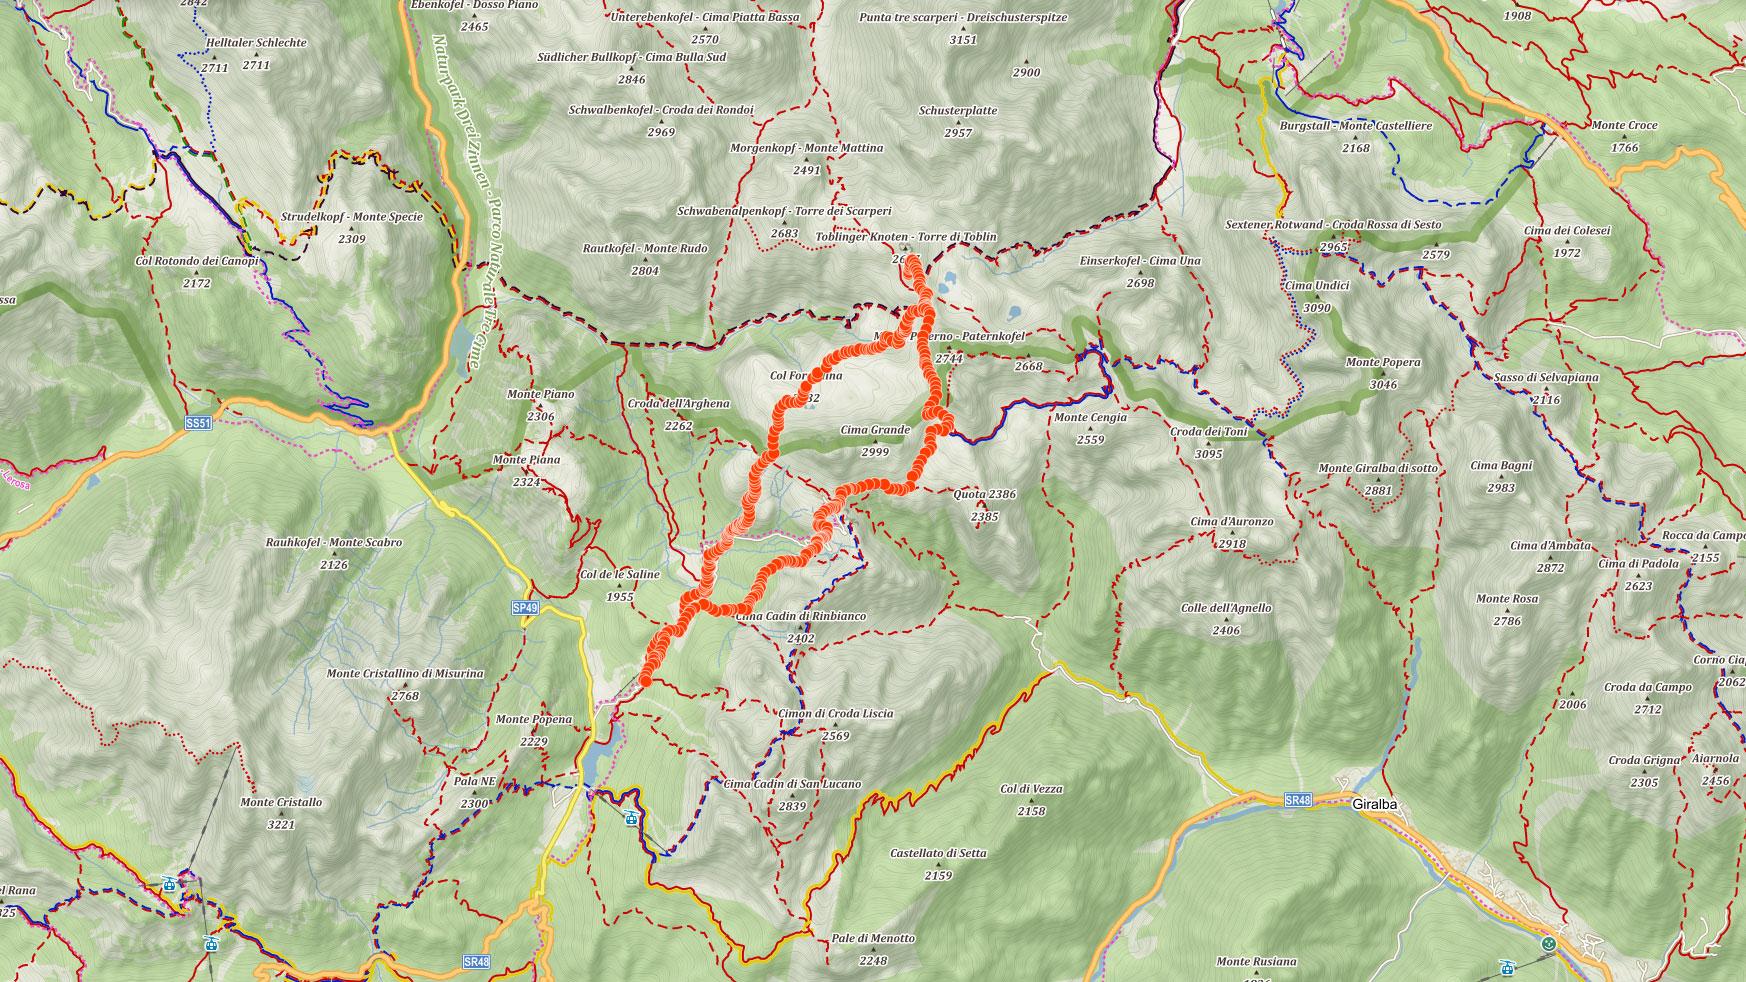 Trasa popisovaného výletu kolem Tre Cime di Lavaredo (Drei Zinnen) v italských Dolomitech